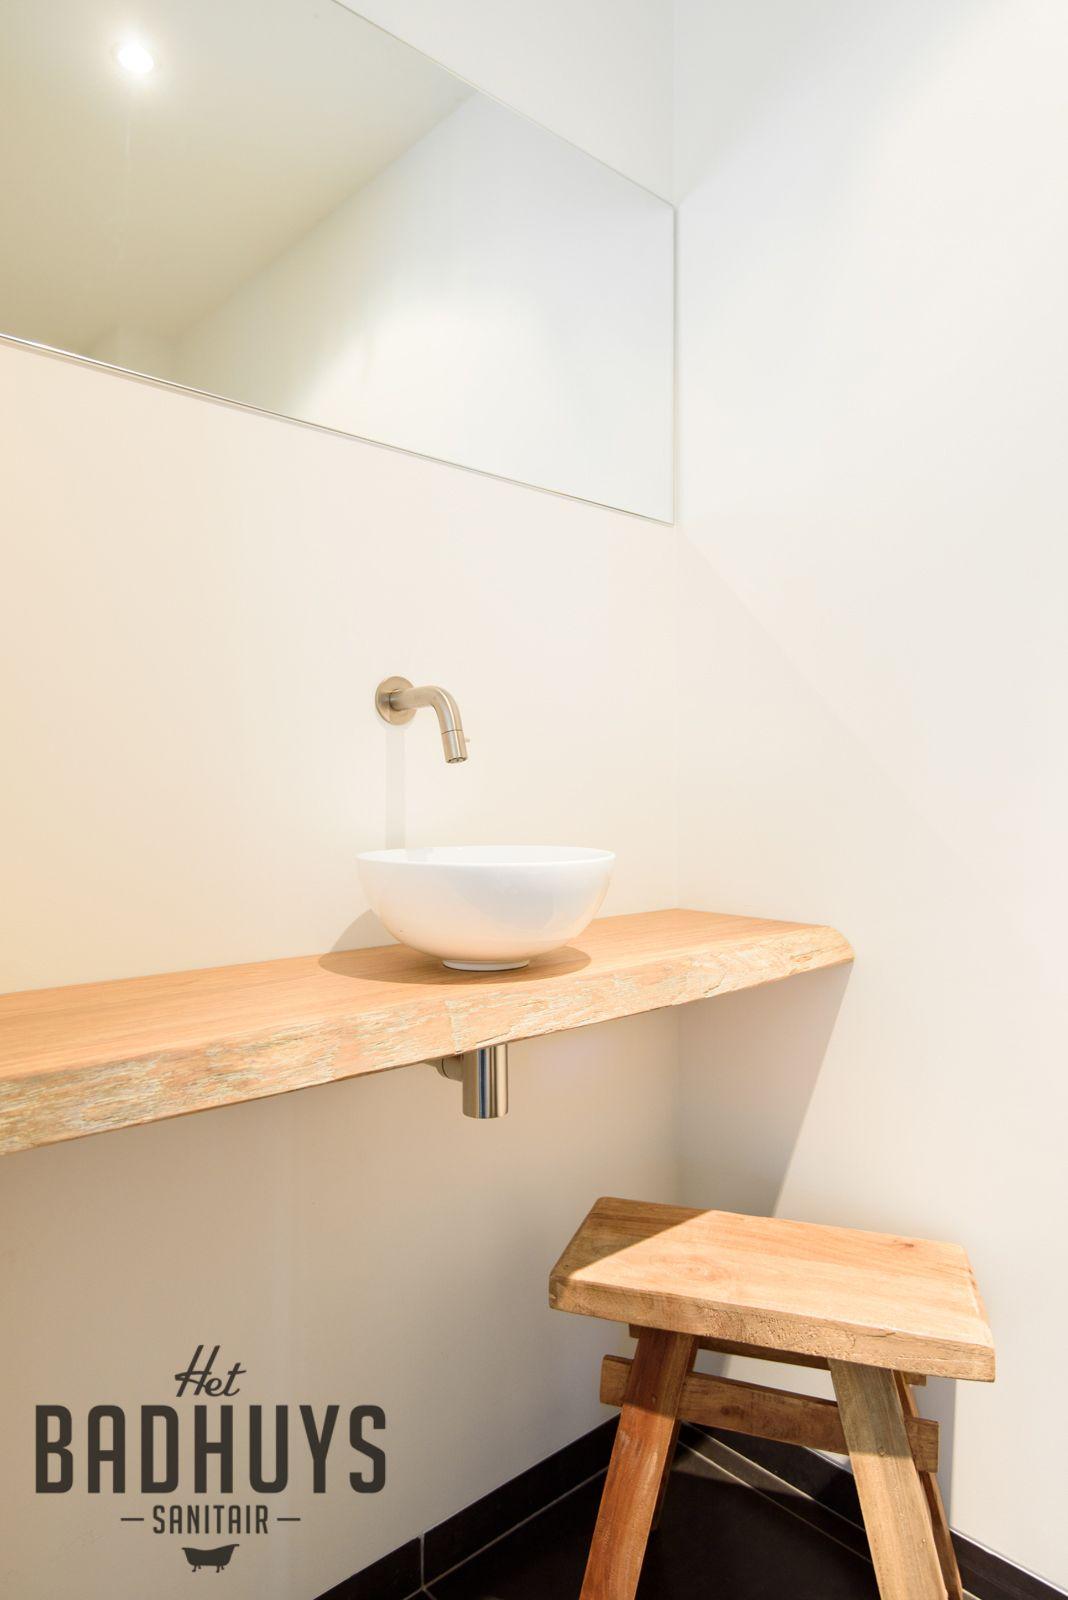 luxe badkamers met gelijke uitstraling het badhuys toilet